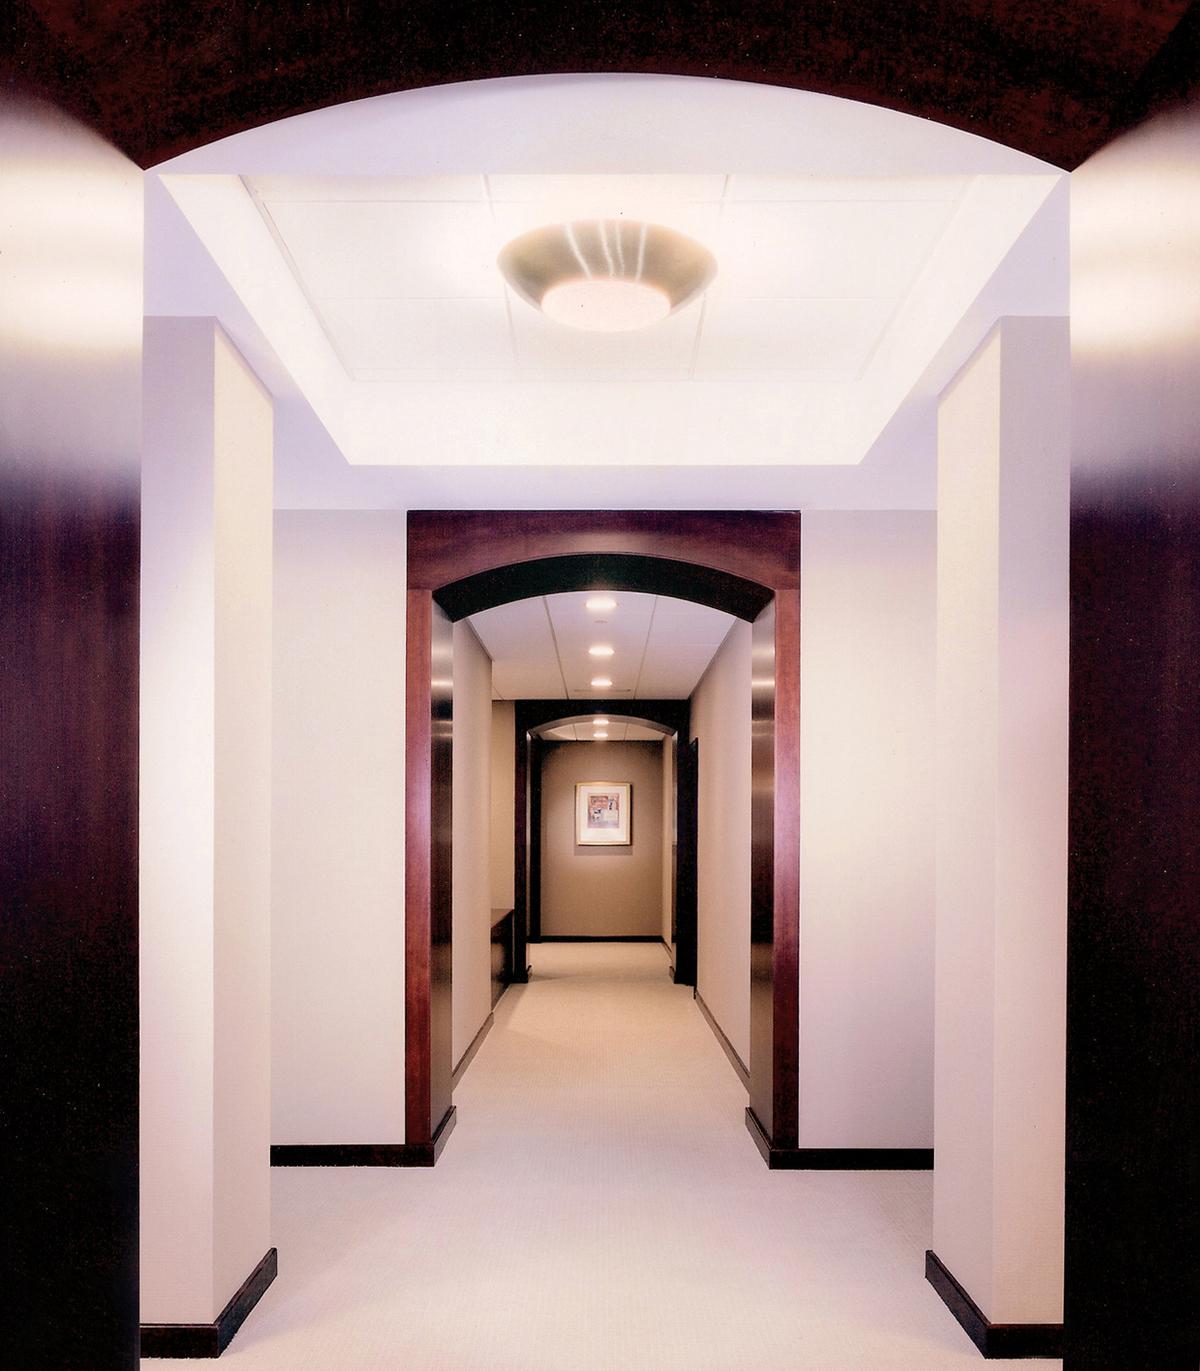 Exeutive Hall